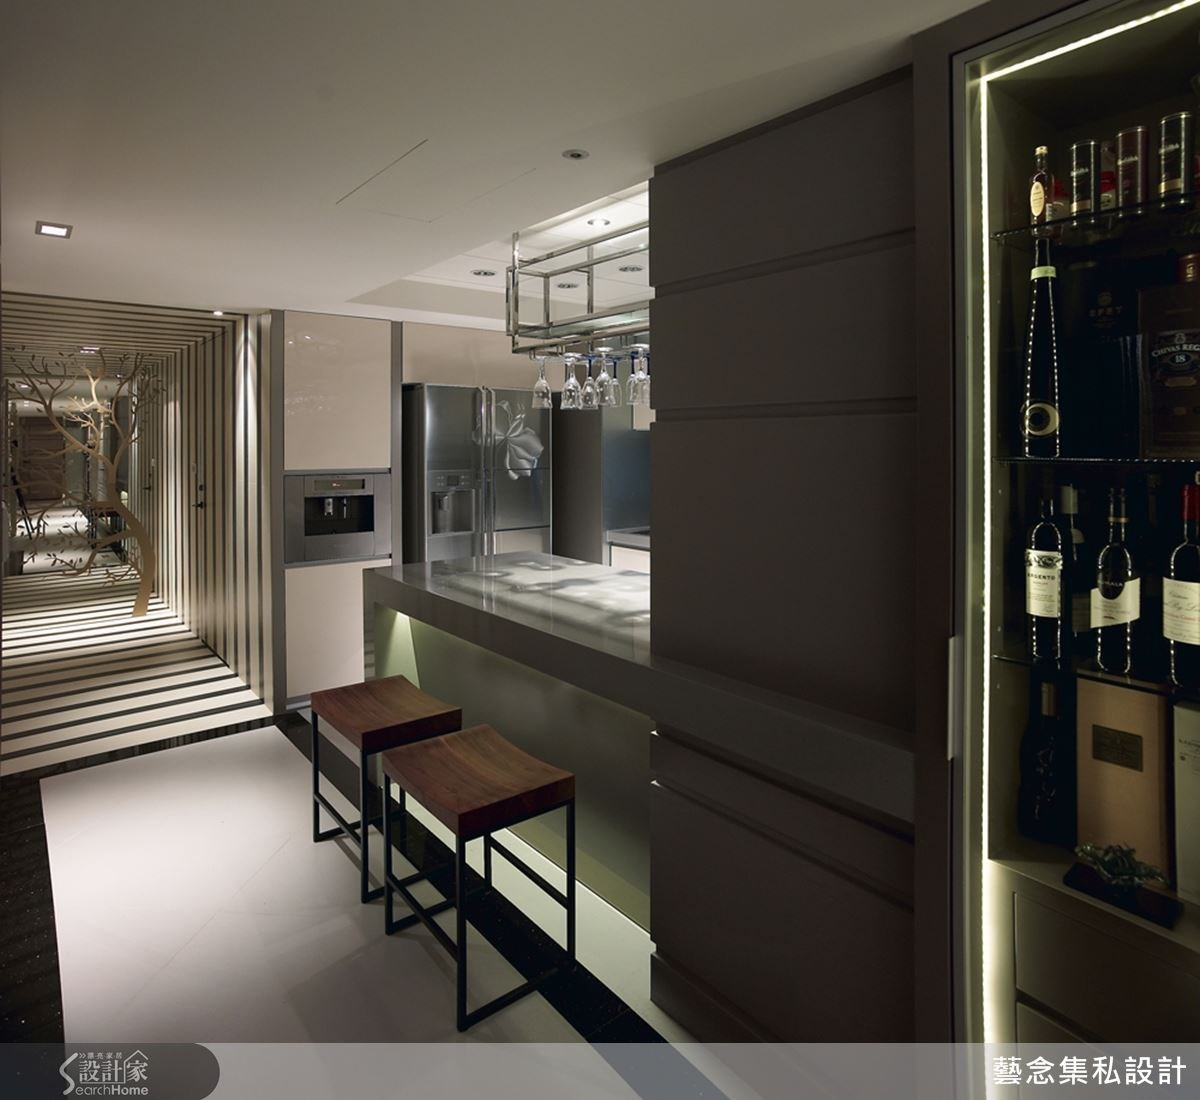 餐廳外部設置浪漫的吧台角落,偌大的紅酒櫃在一旁,而從走道走去便是舒適的臥房空間,相當符合使用者需求的動線規劃!